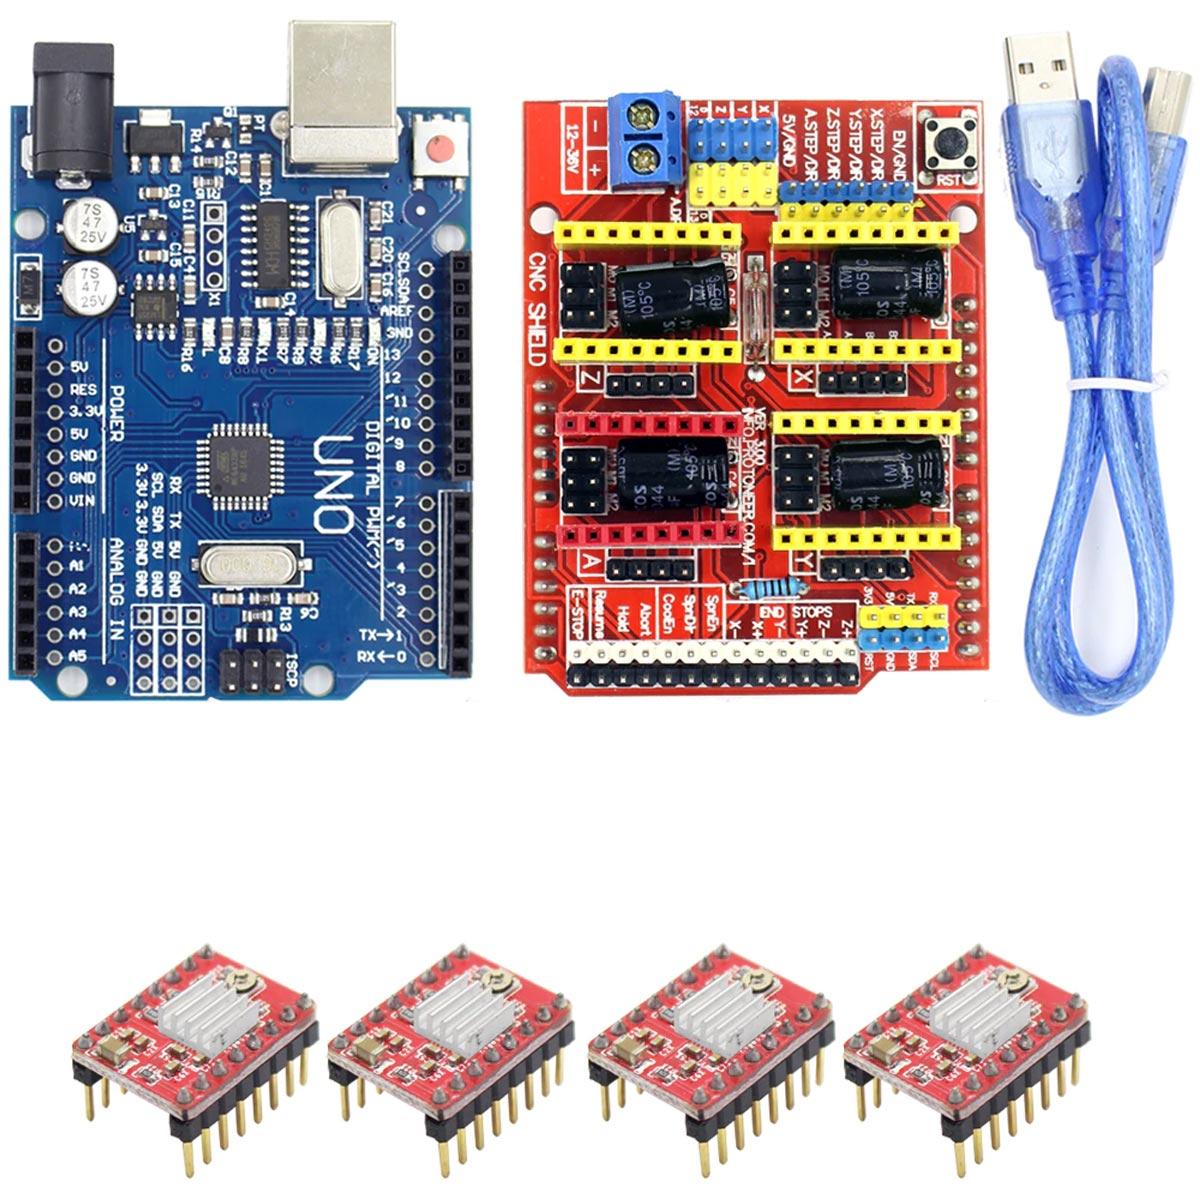 Kit Placa Uno SMD com Cabo para Arduino + Shield Cnc + 4x Drivers A4988 e Dissipadores